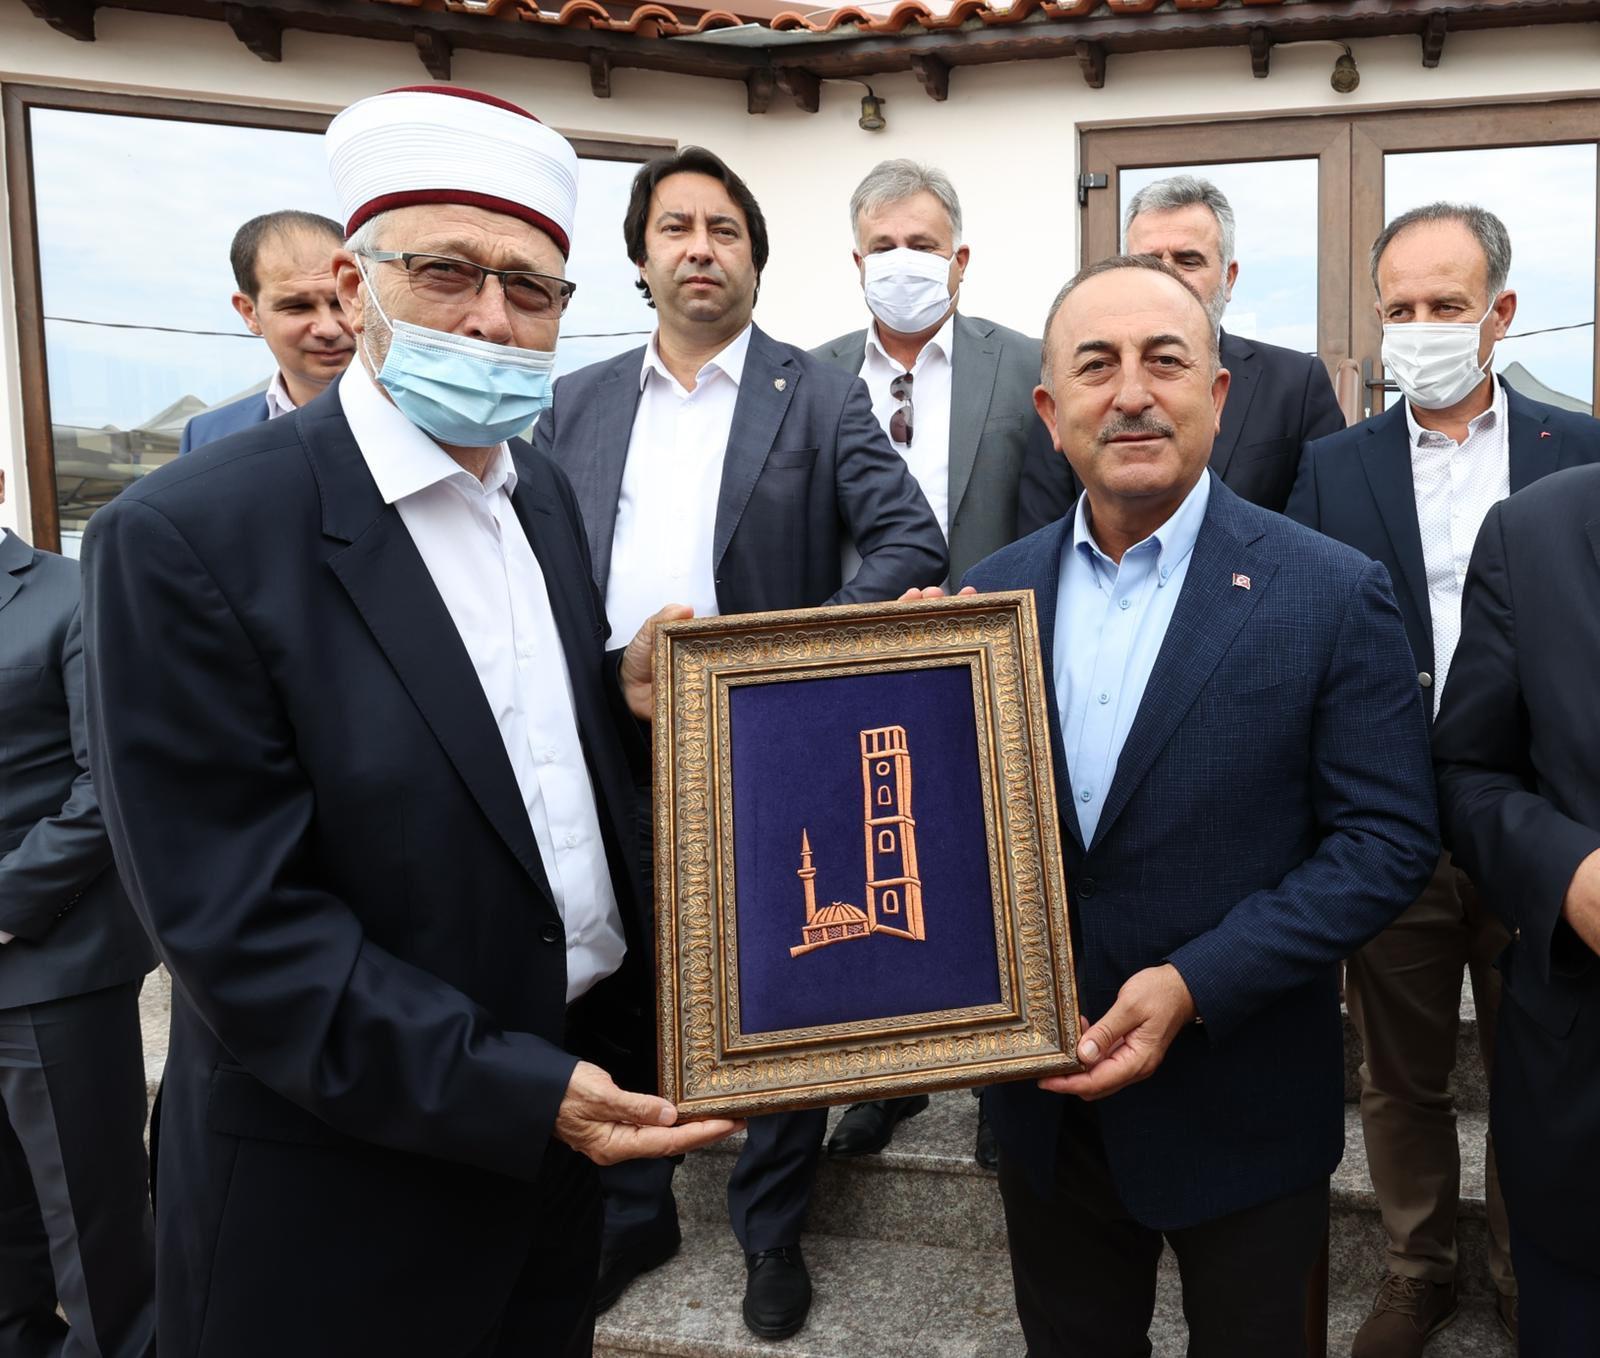 Ολοκληρώθηκε η ιδιωτική επίσκεψη Τσαβούσογλου στην Κομοτηνή – Αναχώρησε για την Αθήνα